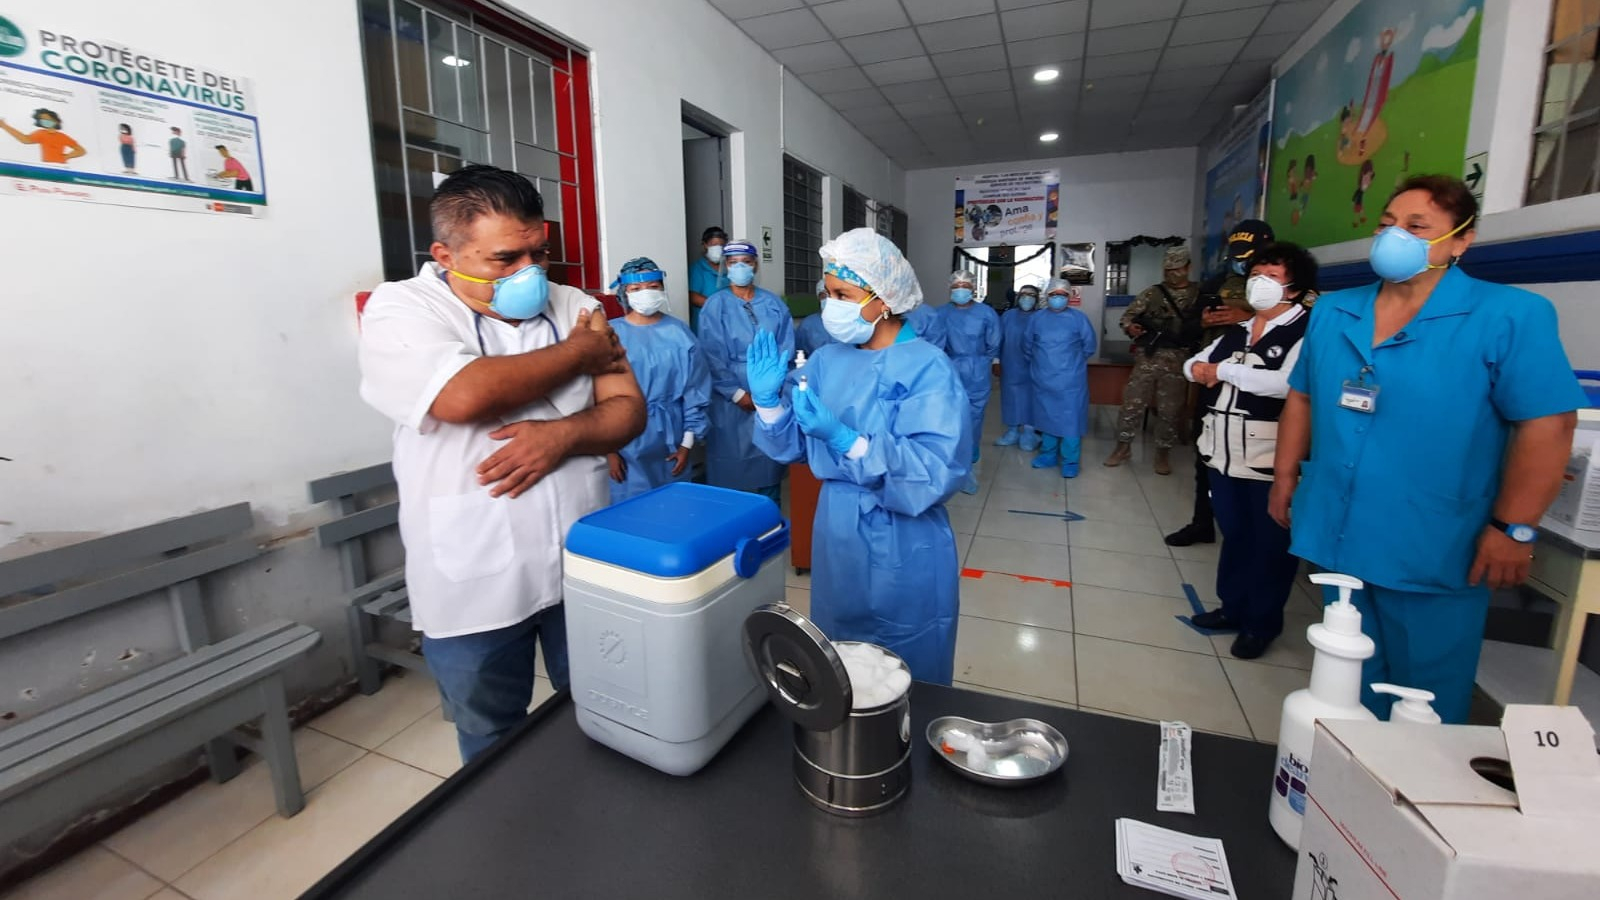 Momento en que es vacunado Elmer Delgado Senmache, director del Hospital Las Mercedes, quien dijo que no ha cometido ninguna irregularidad al recibir la dosis sin estar en la nómina.